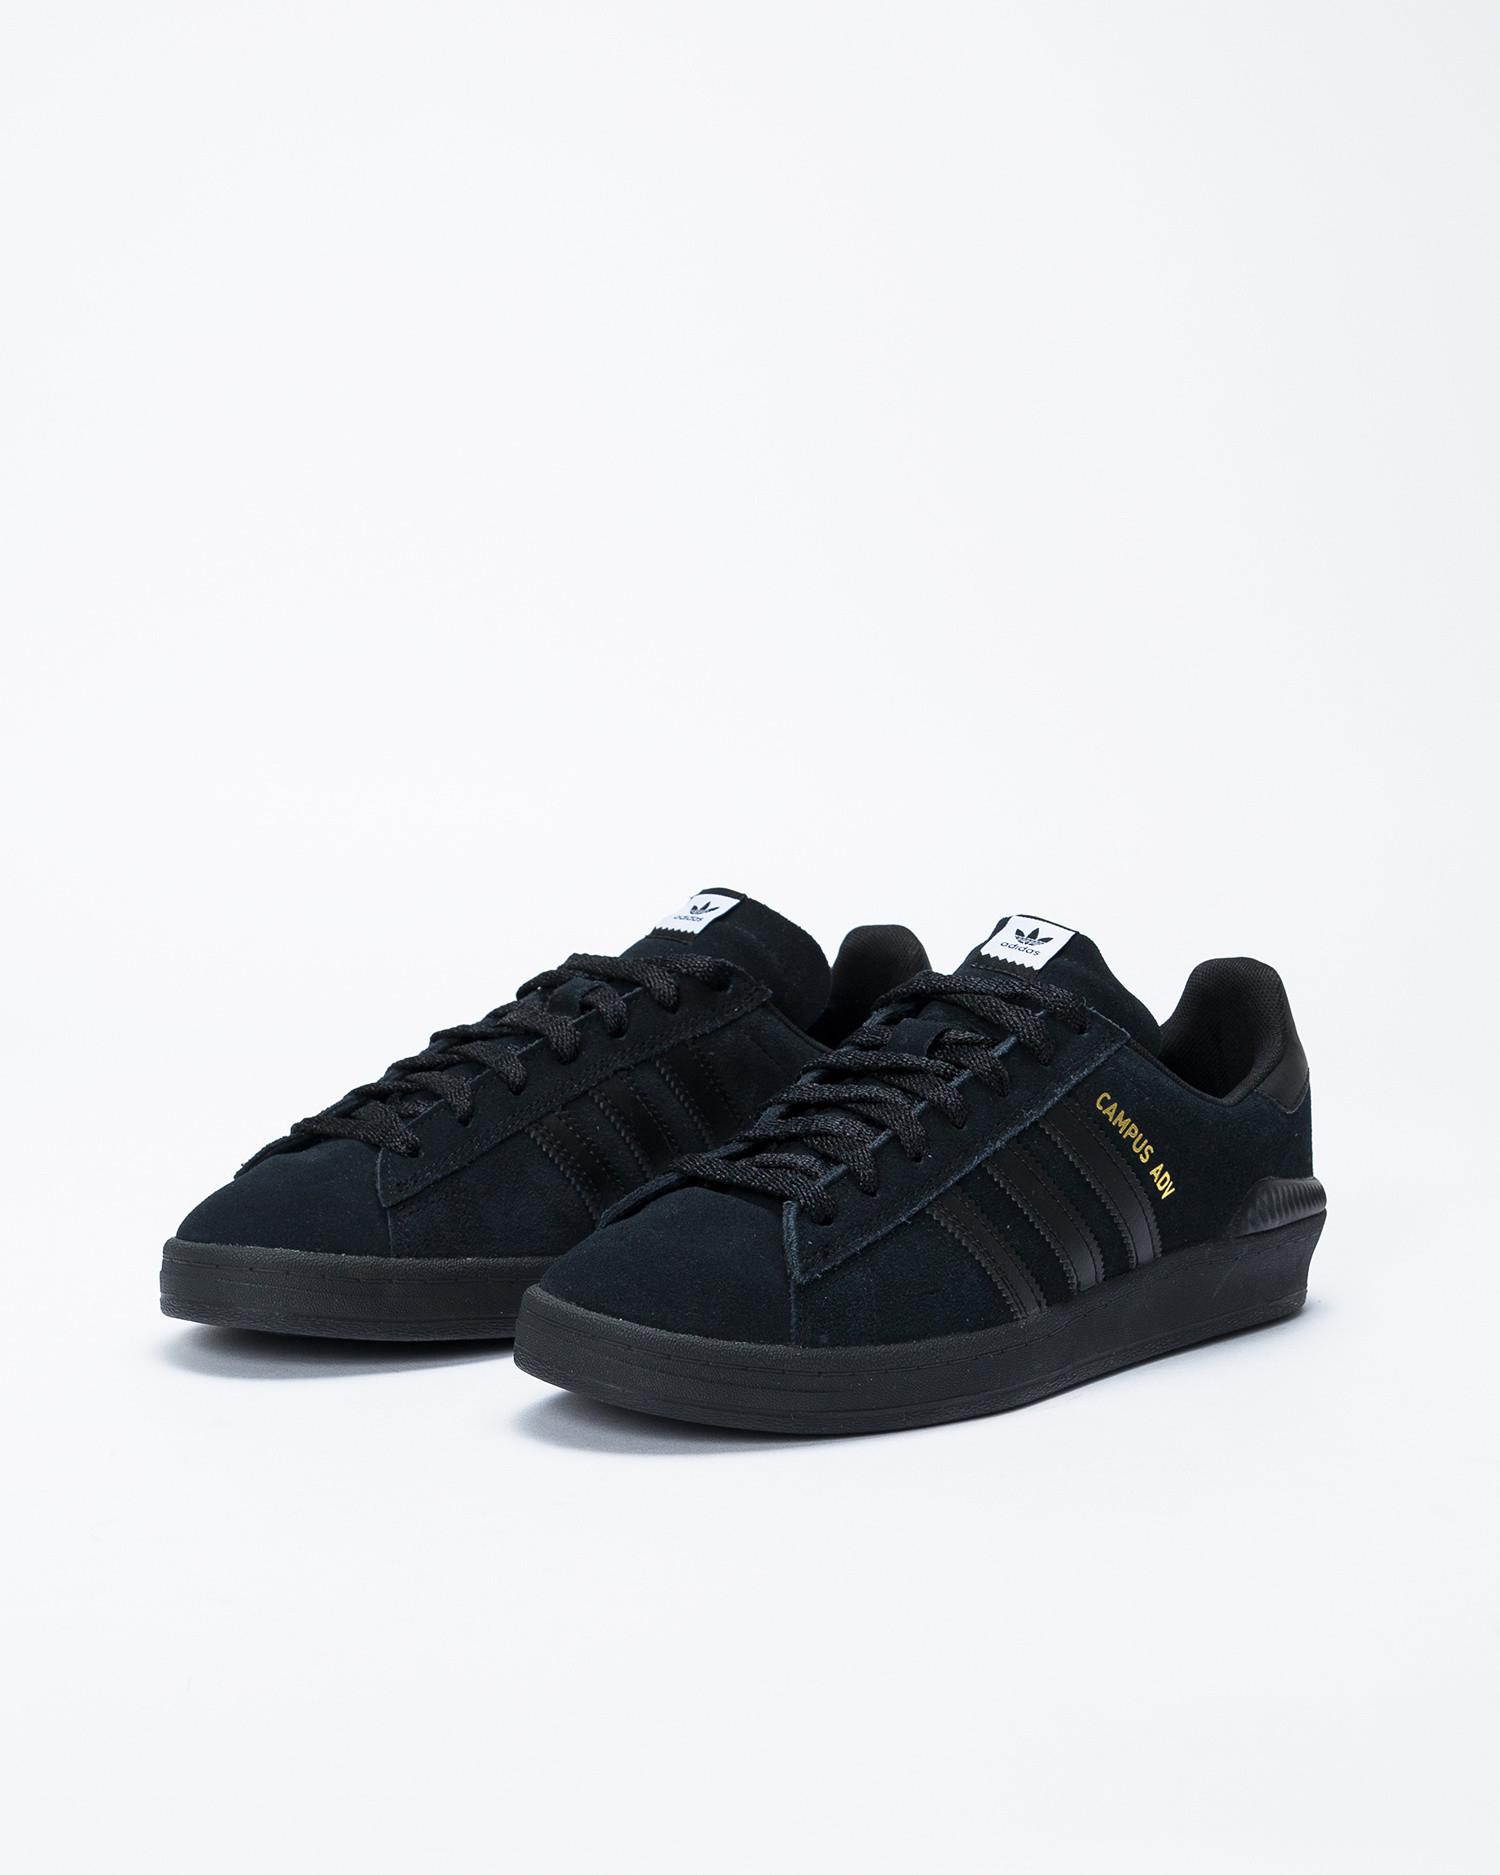 adidas Campus ADV Black/Gum/White